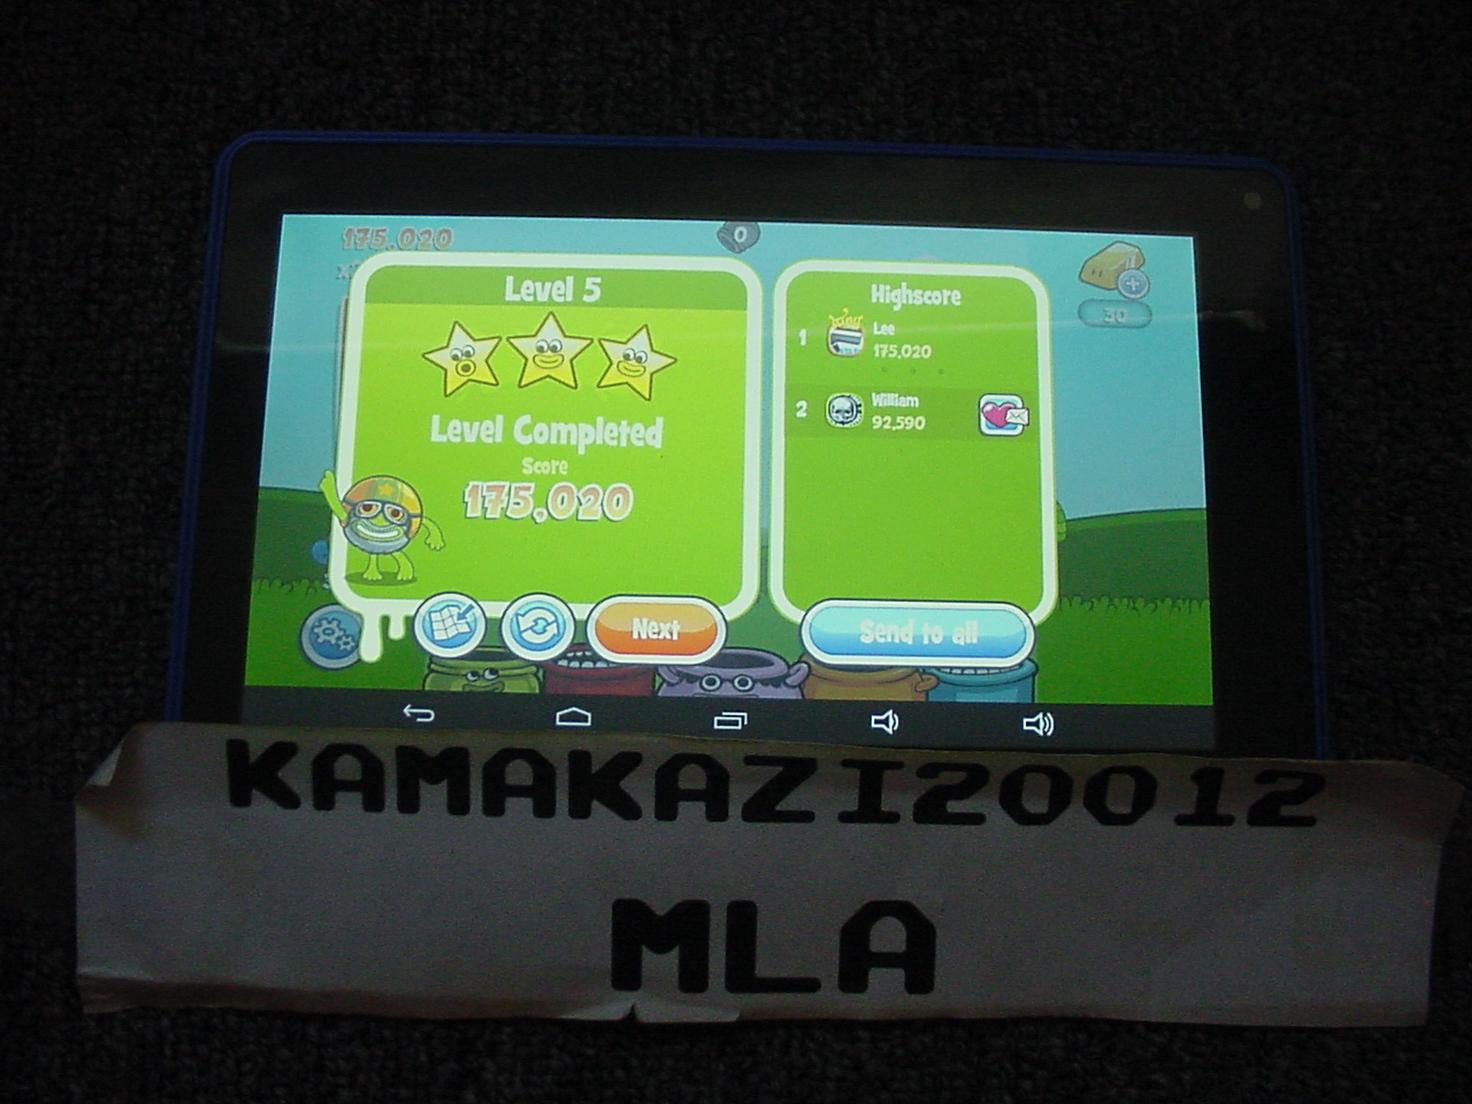 kamakazi20012: Papa Pear Saga: Level 005 (Android) 175,020 points on 2015-07-13 11:25:12